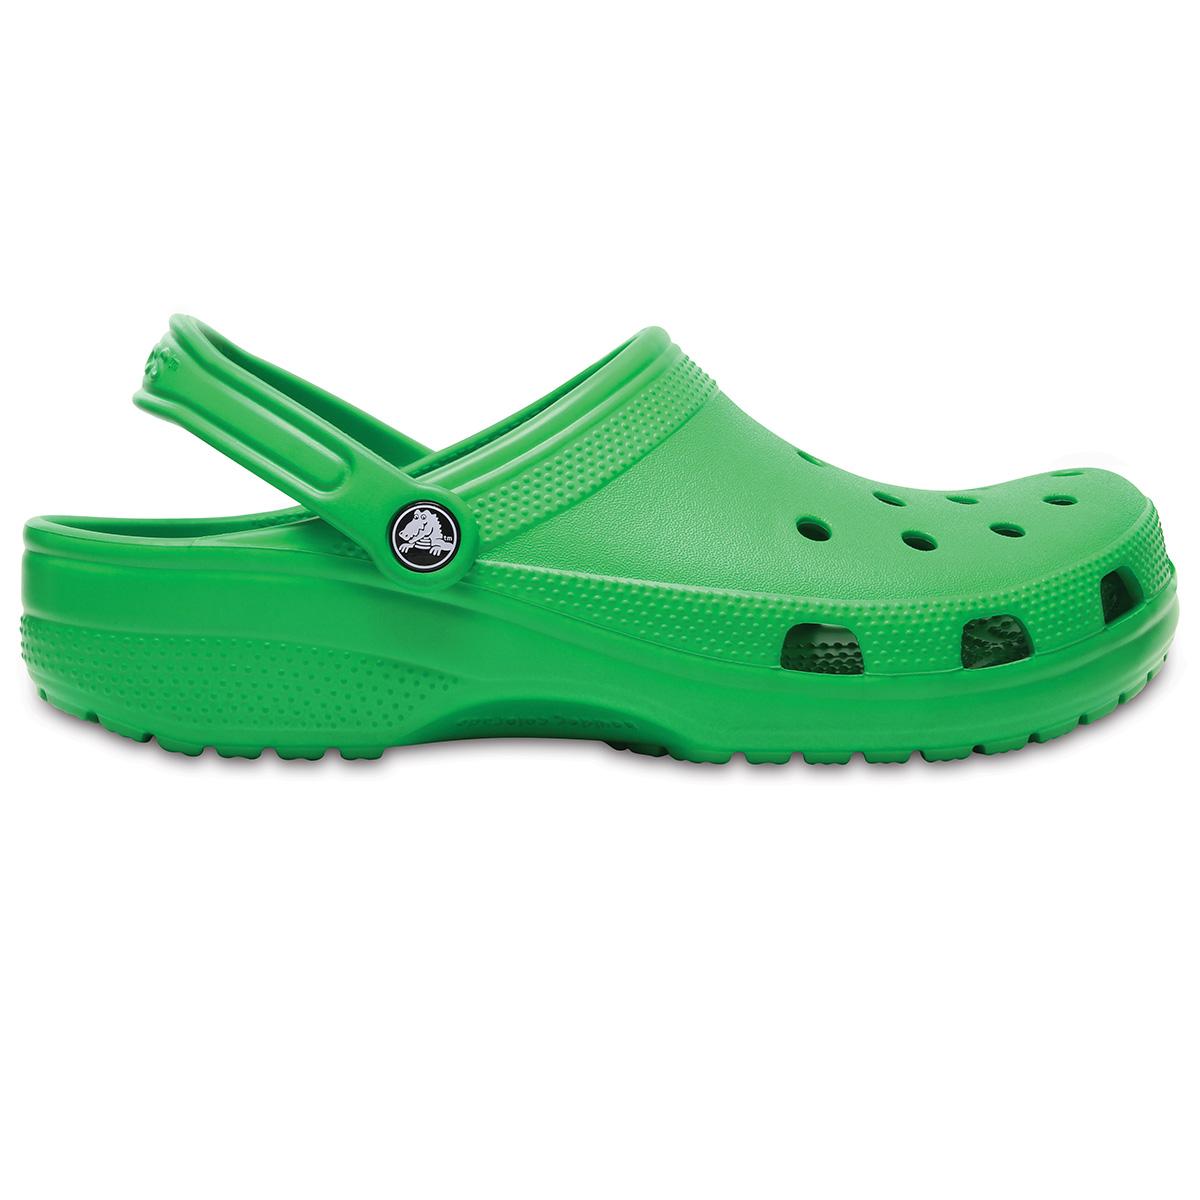 Crocs Classic - Çim yeşili